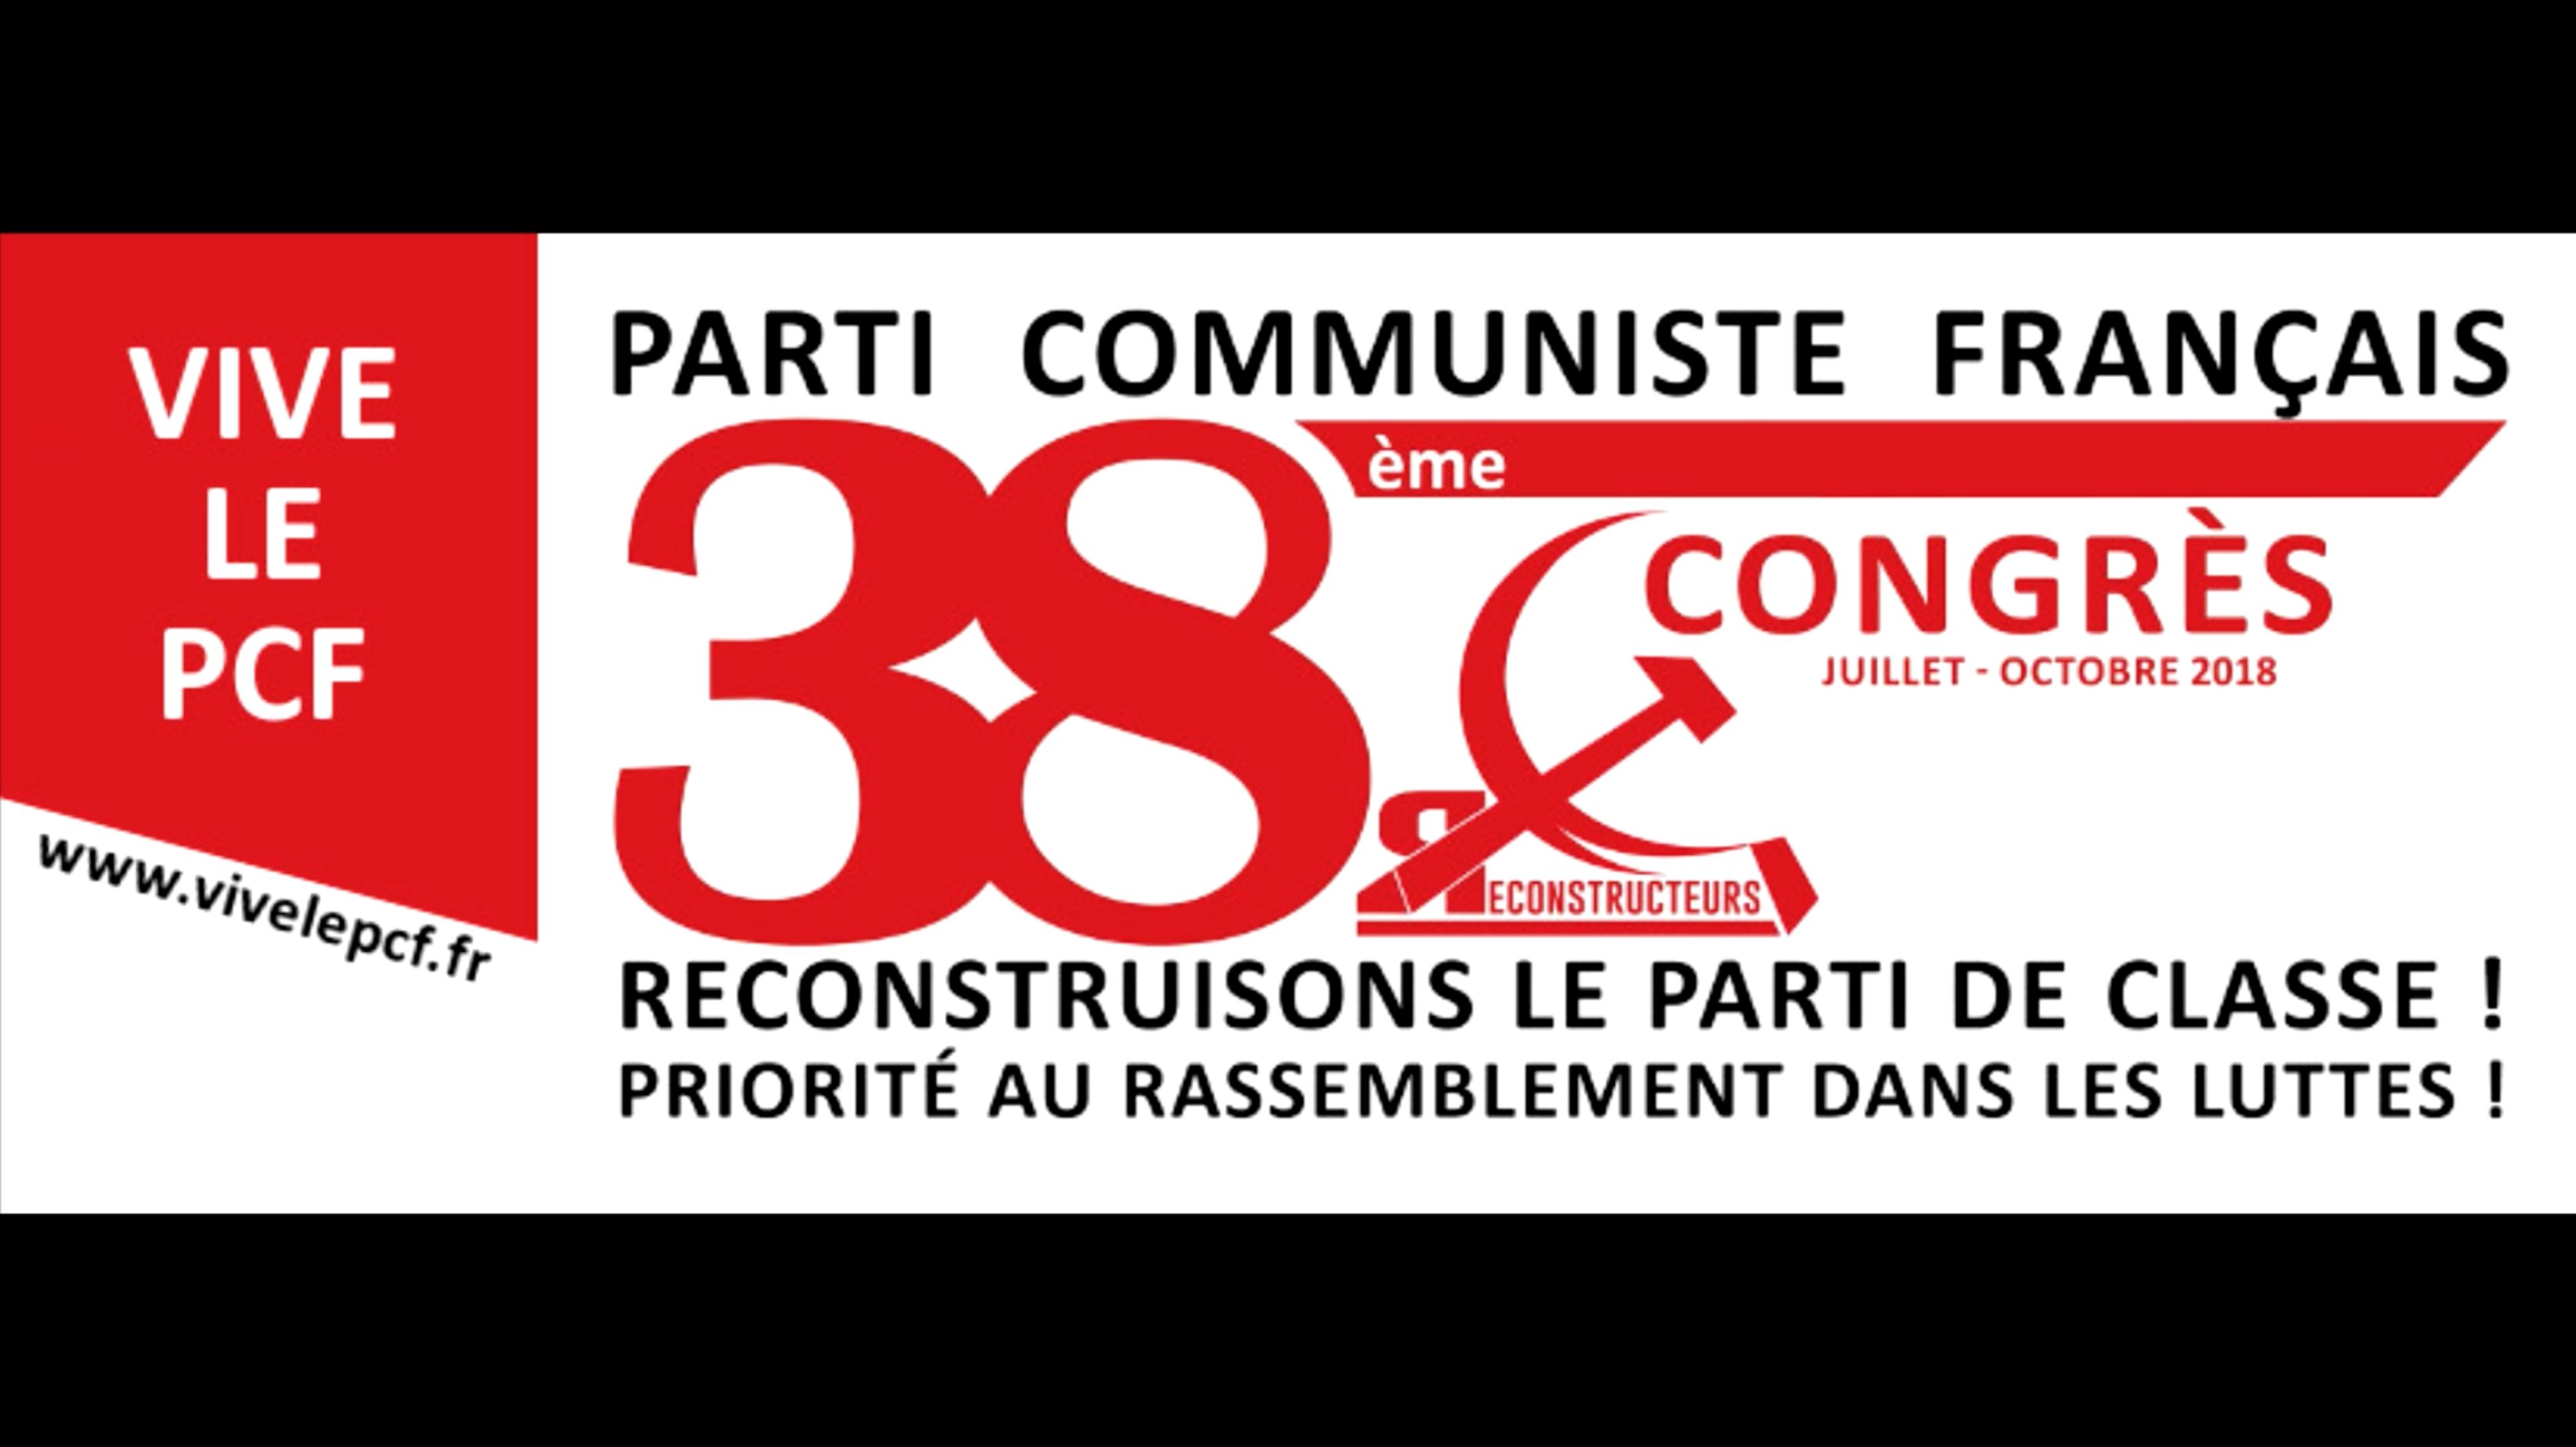 Reconstruisons_le_parti_de_classe.png